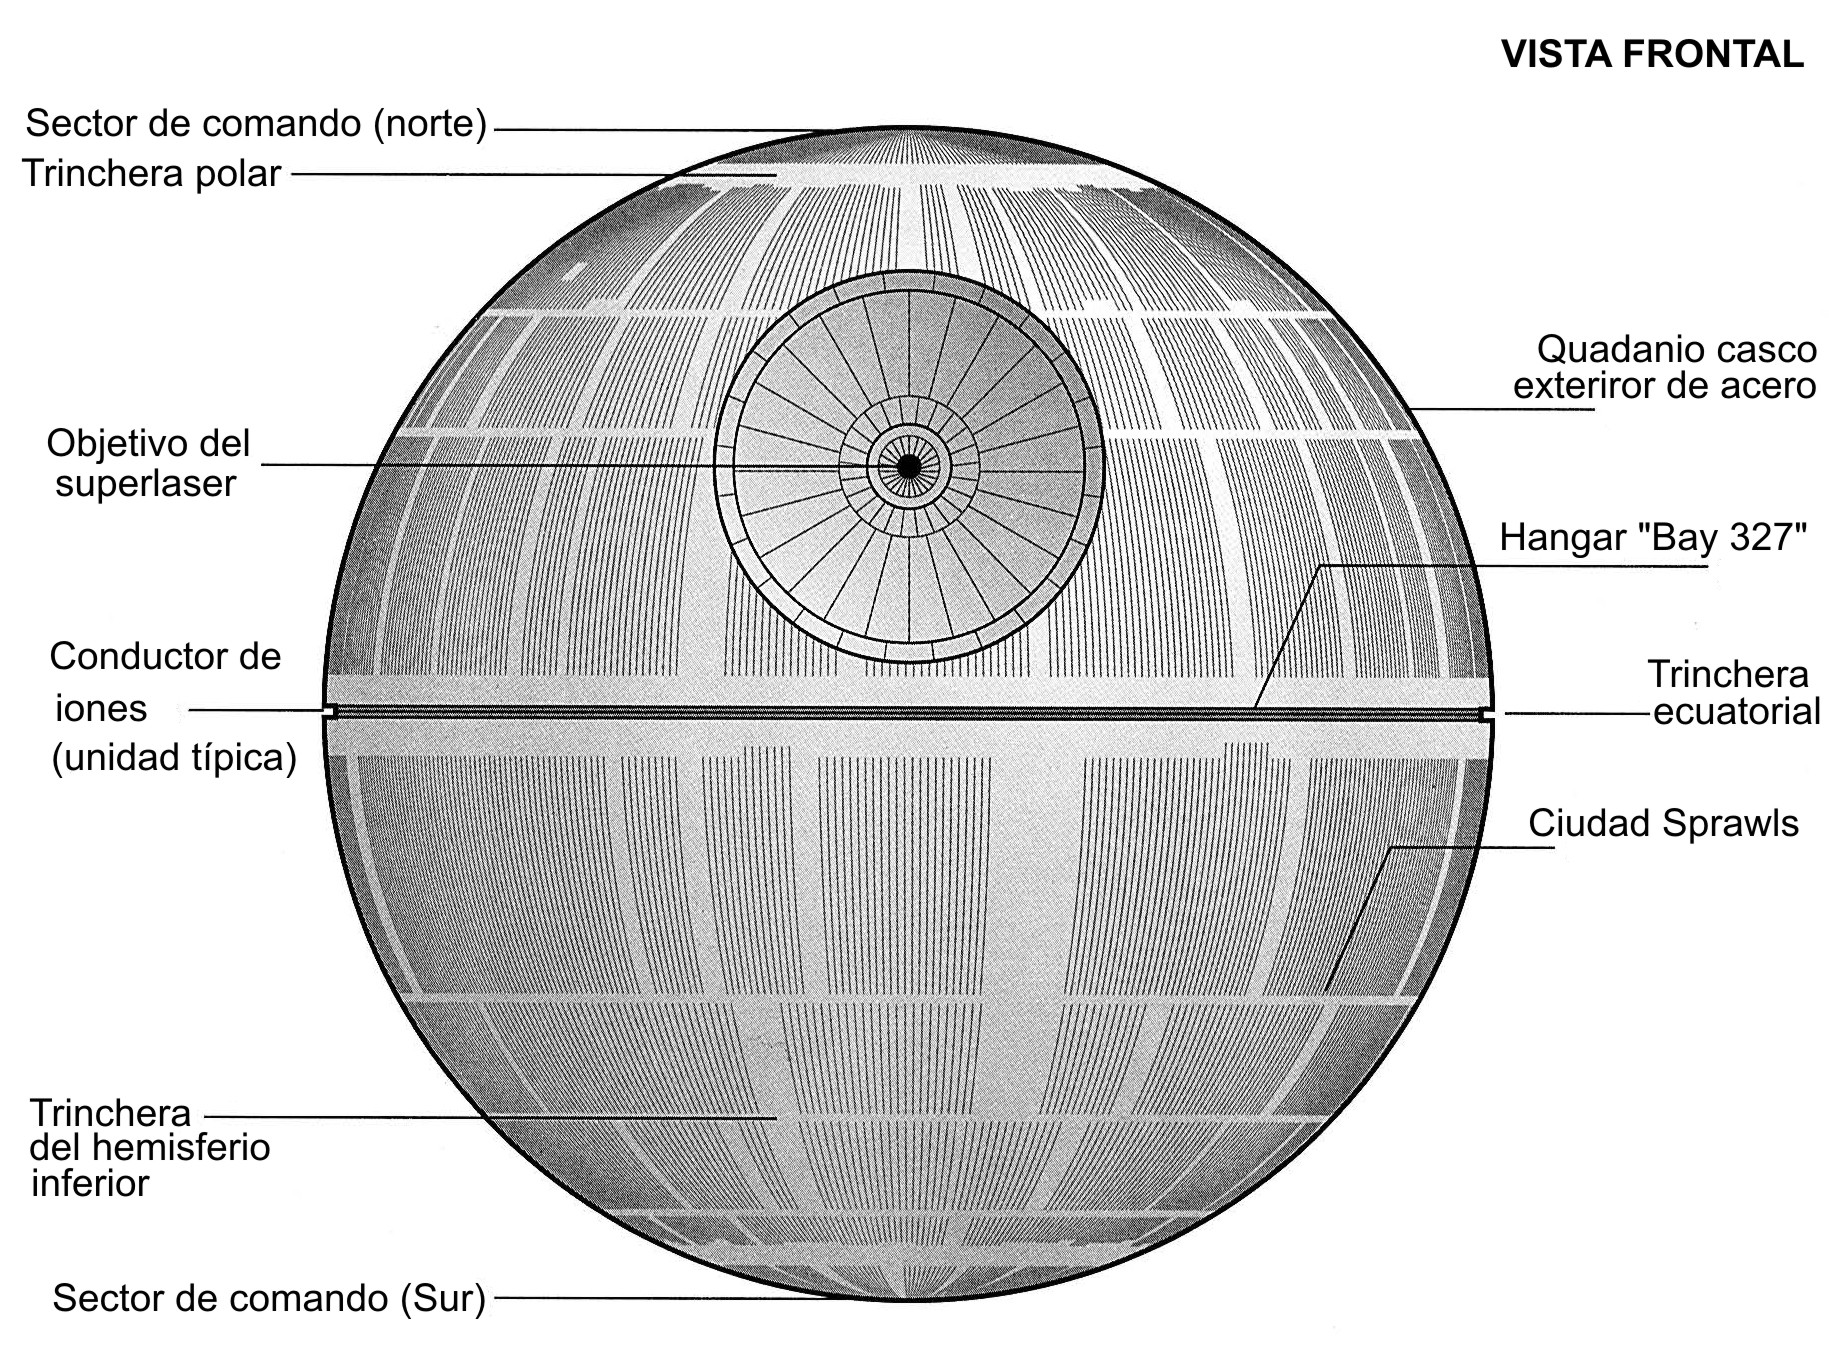 Imagen - Diagrama primera estrella de la muerte.jpg   Star Wars Wiki ...